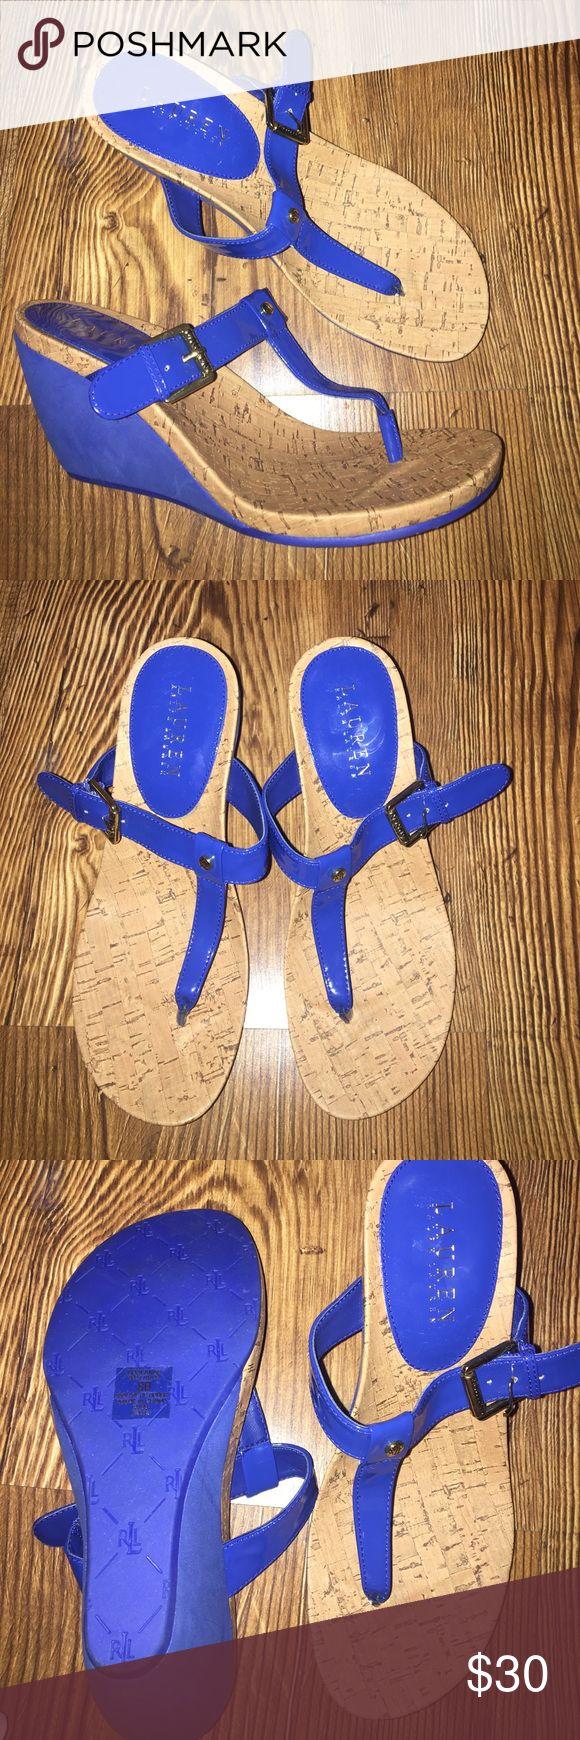 Blue Lauren by Ralph Lauren Roseanne wedges Royal Blue Lauren by Ralph Lauren Roseanne wedges. Size 8. Like new condition. Priced $50 on Amazon Lauren Ralph Lauren Shoes